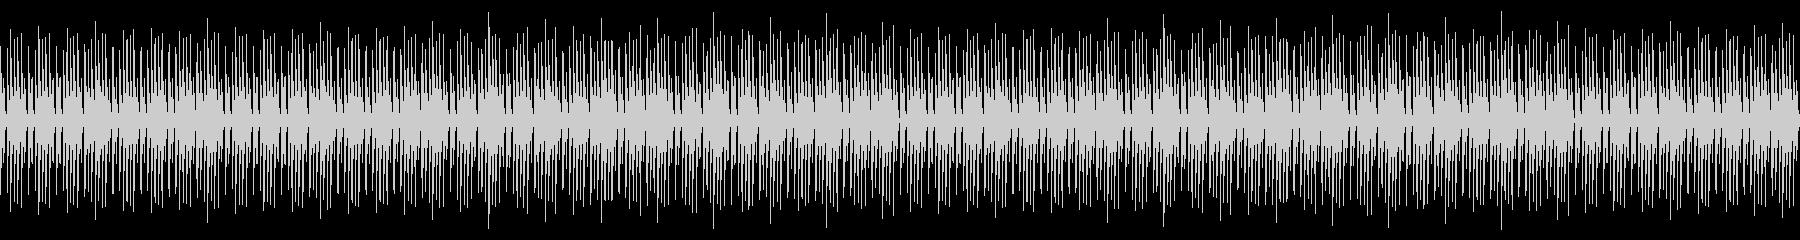 シンセドラムループの未再生の波形